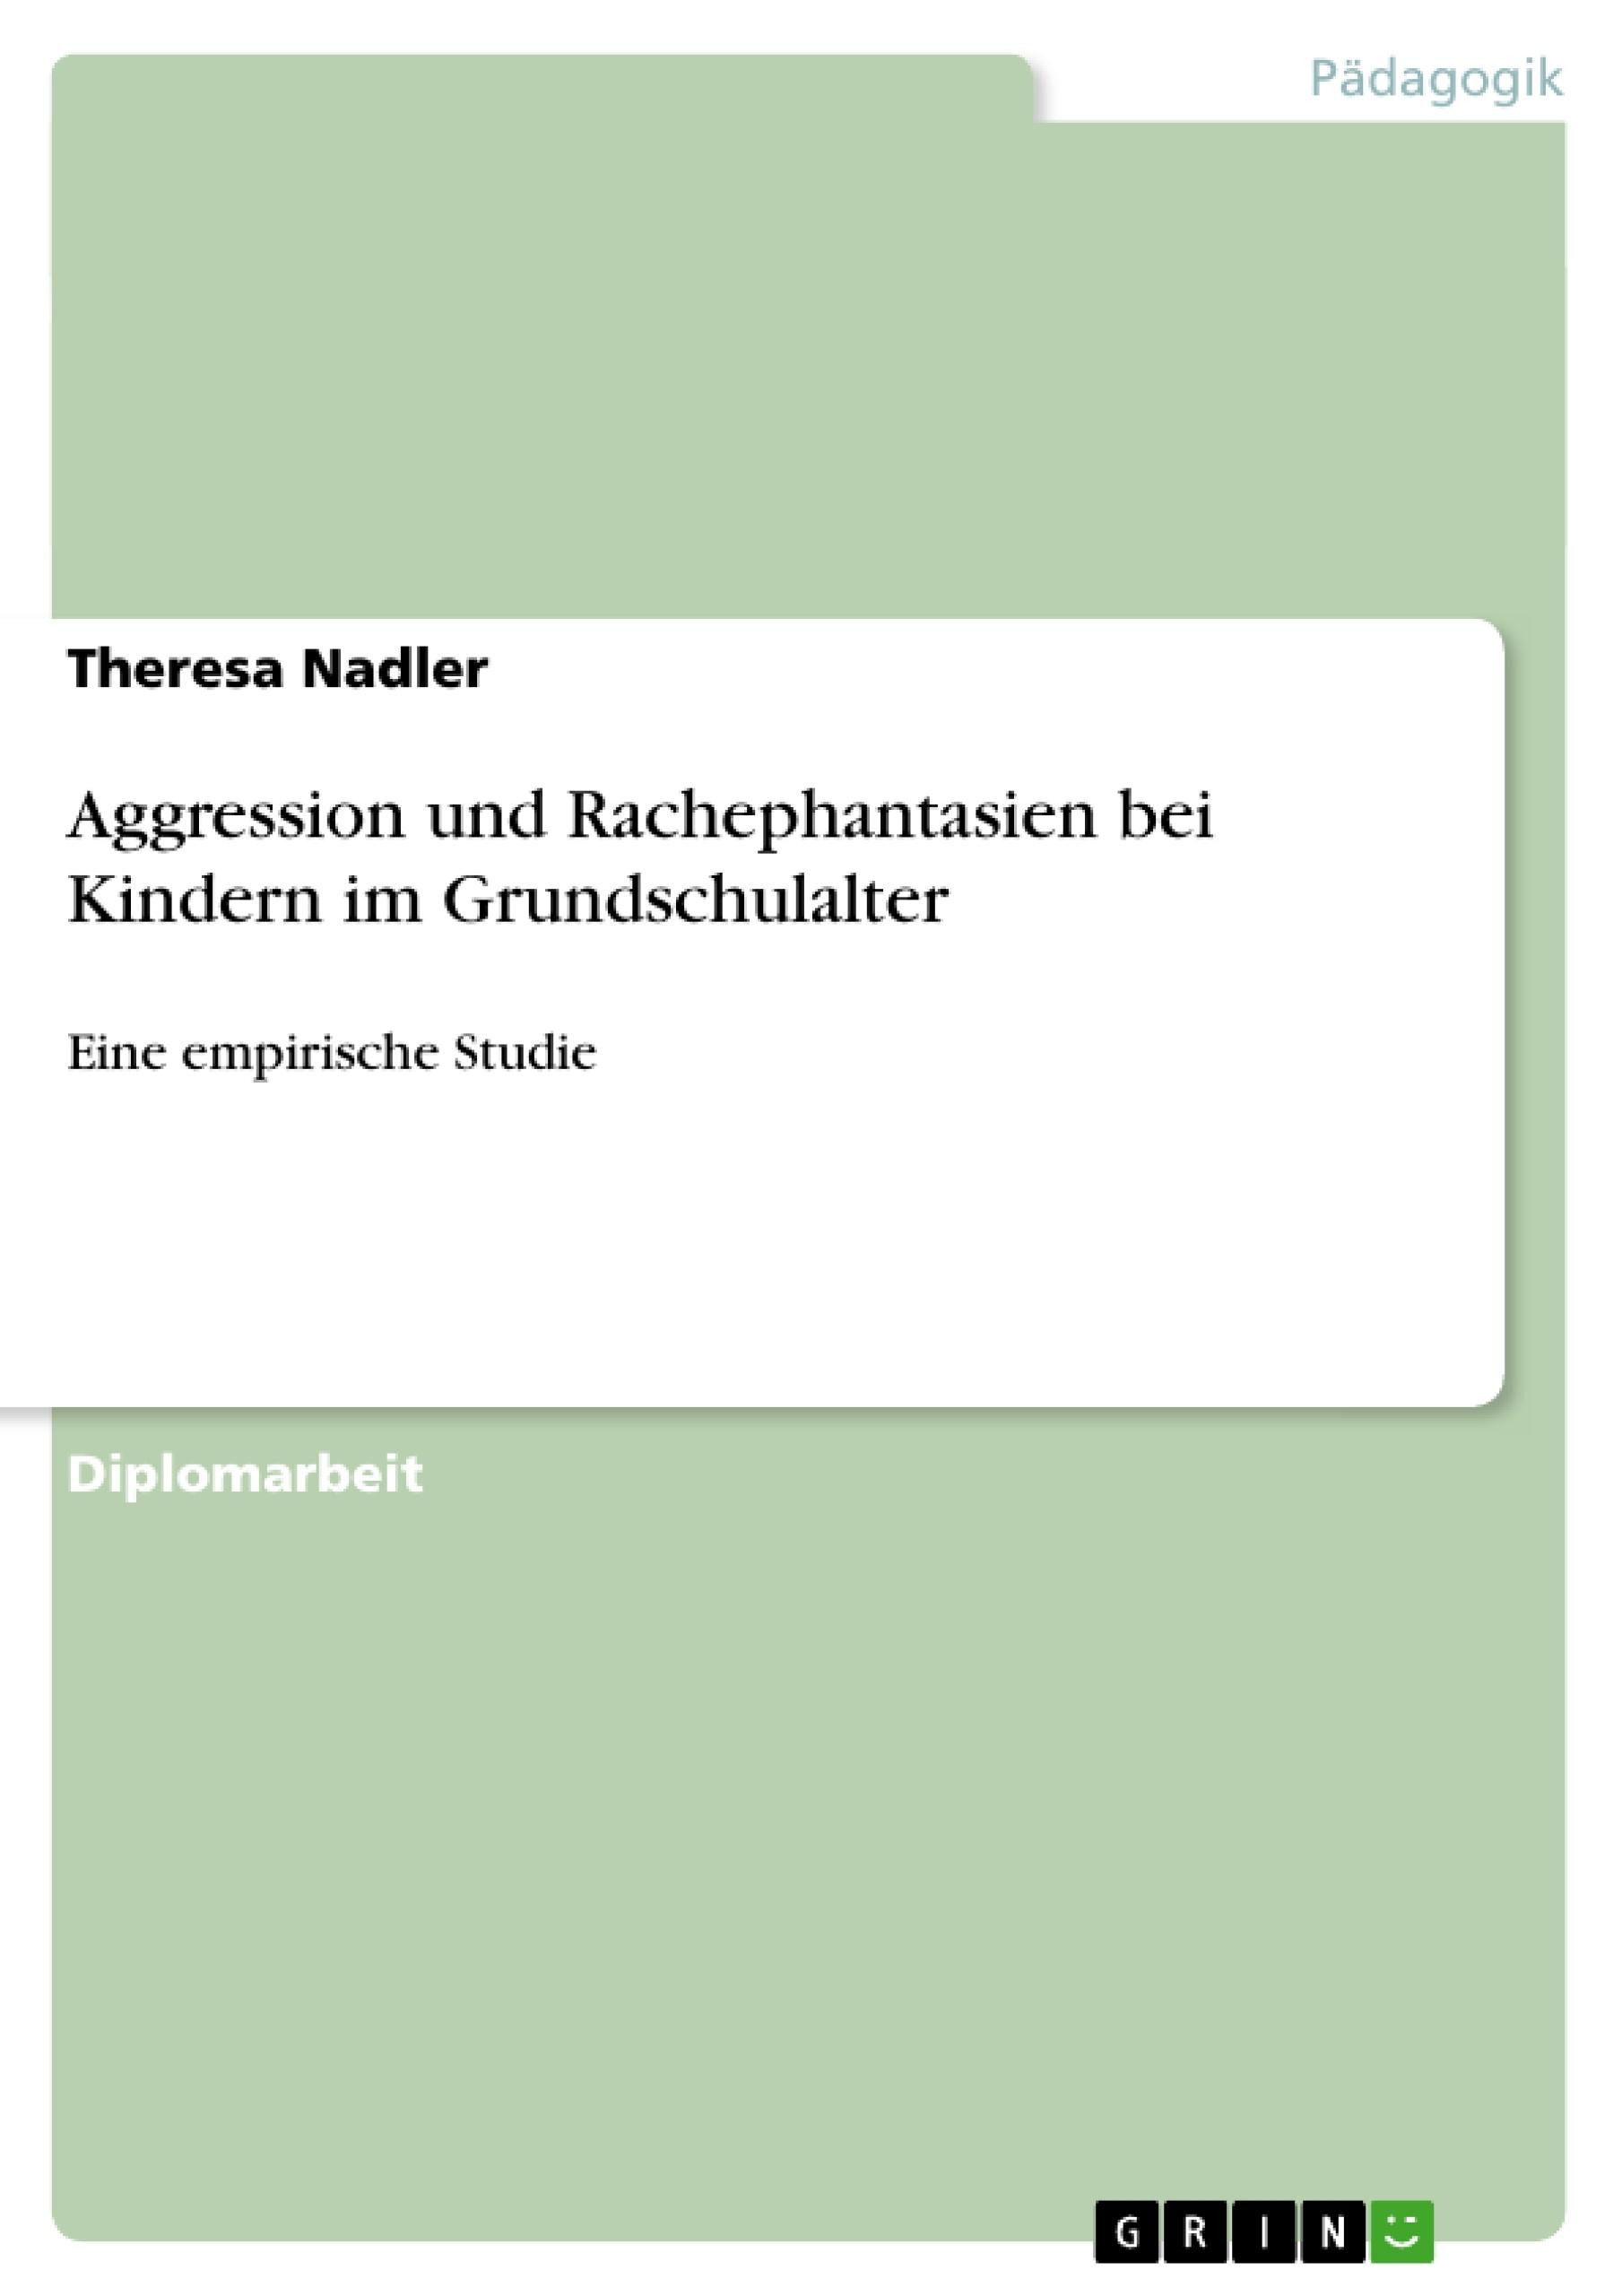 Titel: Aggression und Rachephantasien bei Kindern im Grundschulalter